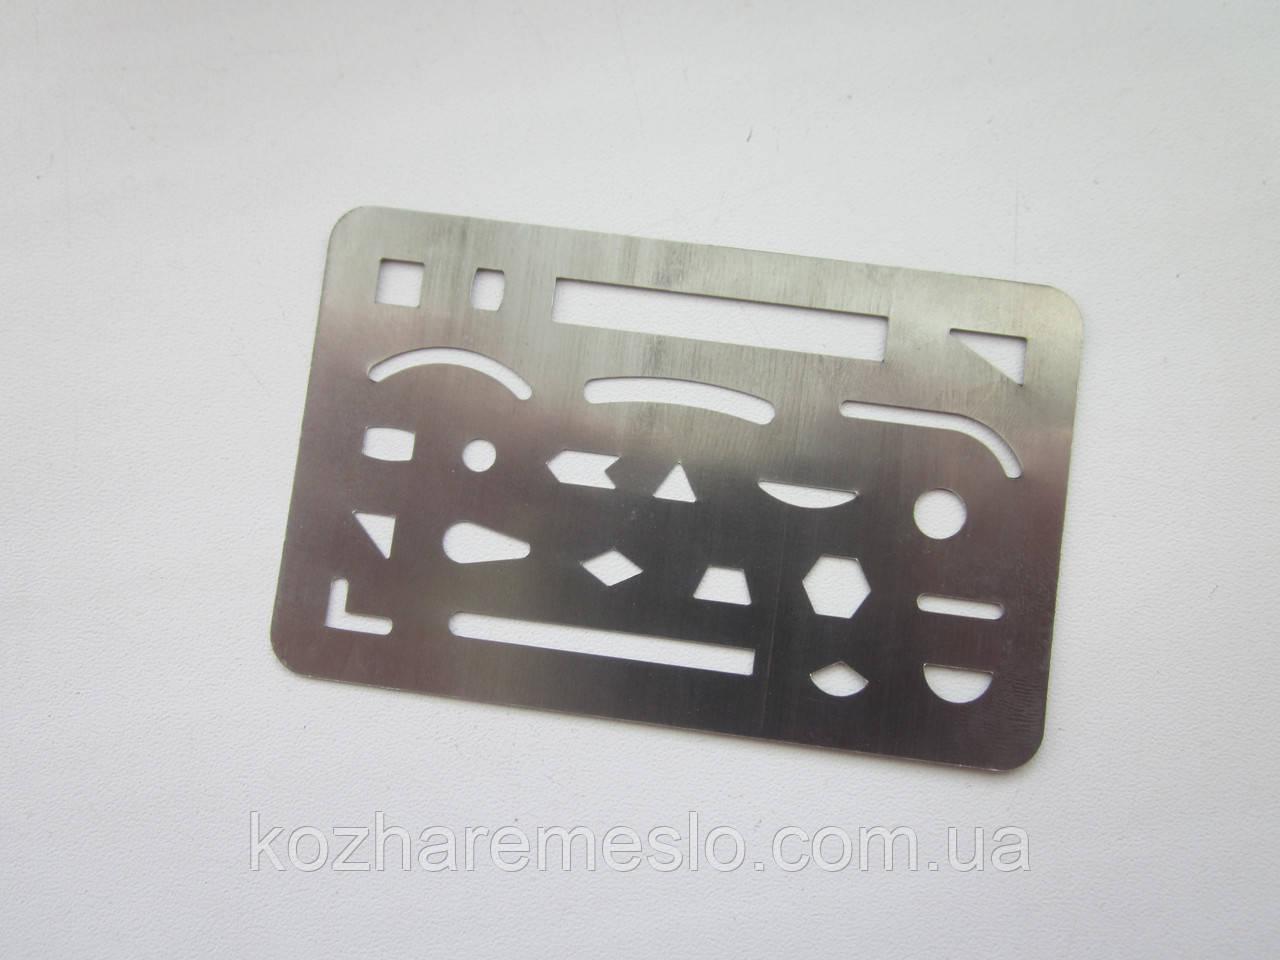 Шаблон - трафарет металлический  9 х 6 cм